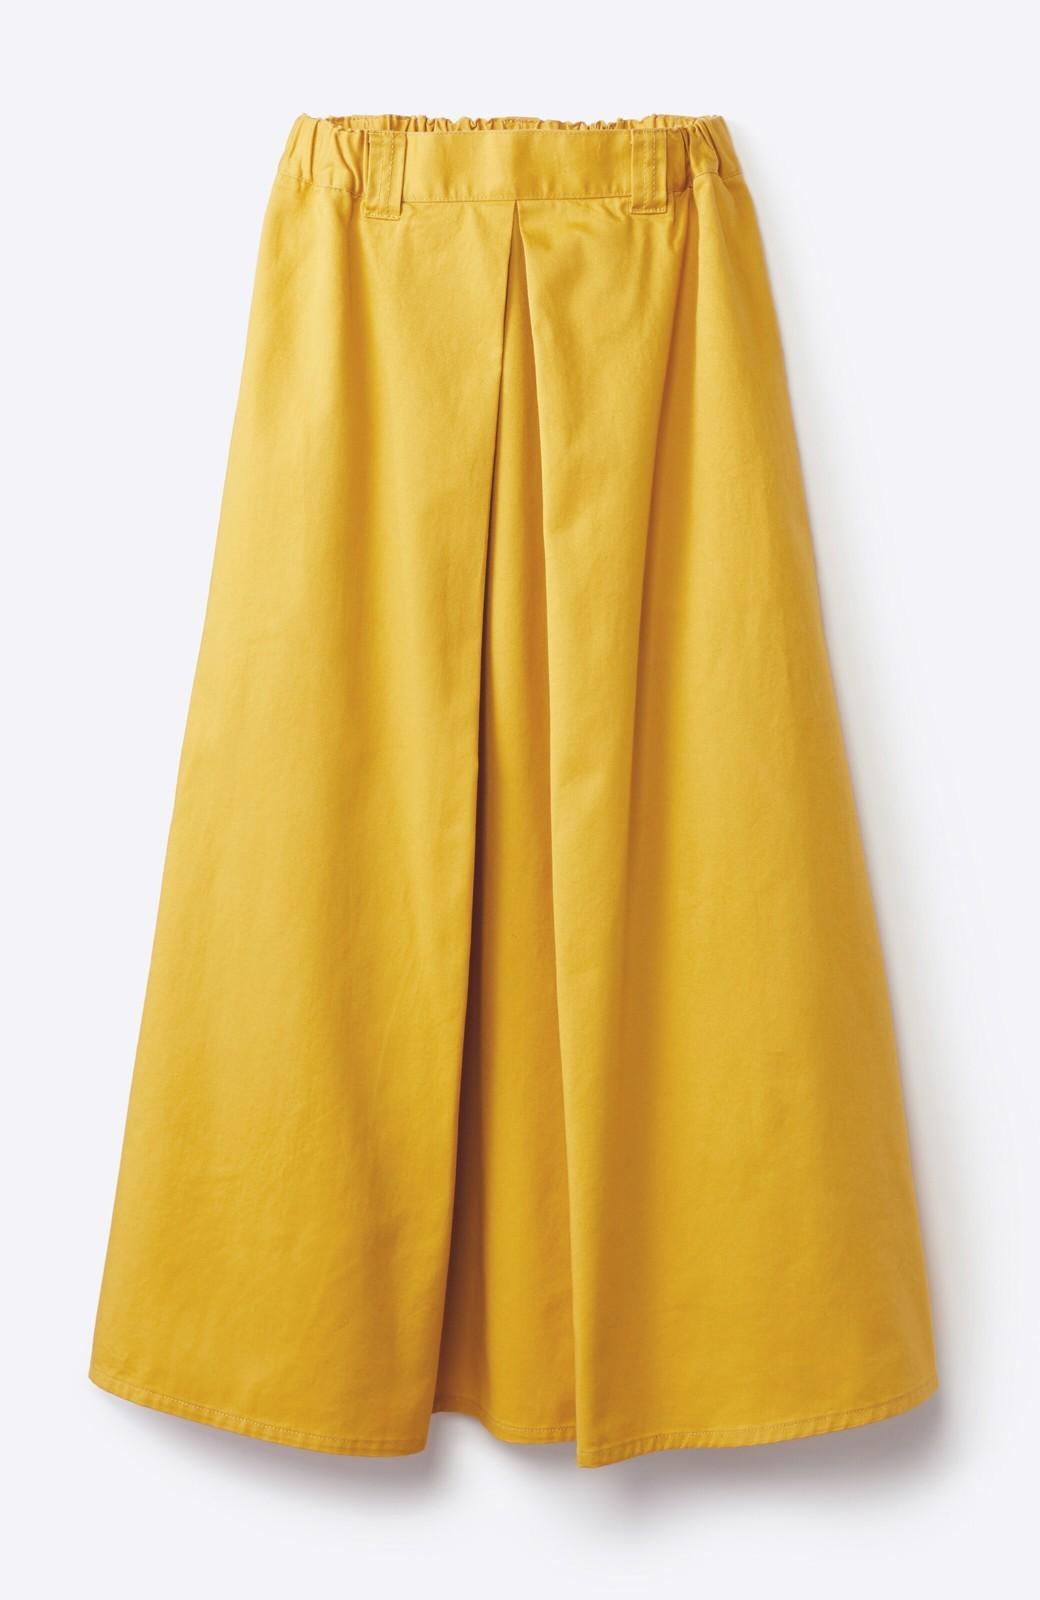 haco! ロングシーズン楽しめる タックボリュームのチノロングスカート <イエロー>の商品写真5